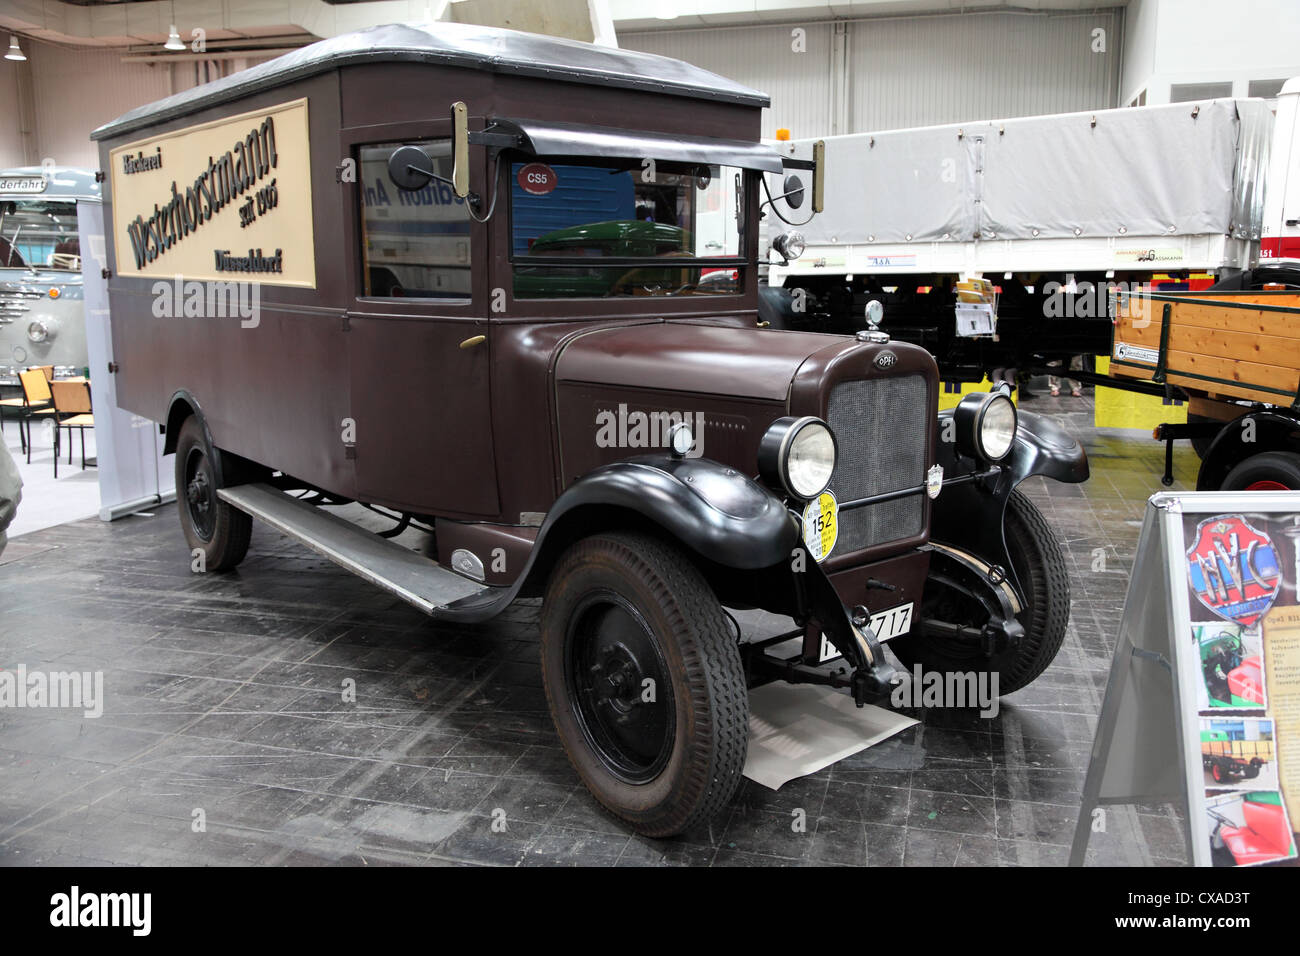 Opel Oldtimer Van auf der Internationalen Automobilausstellung für Nutzfahrzeuge Stockbild